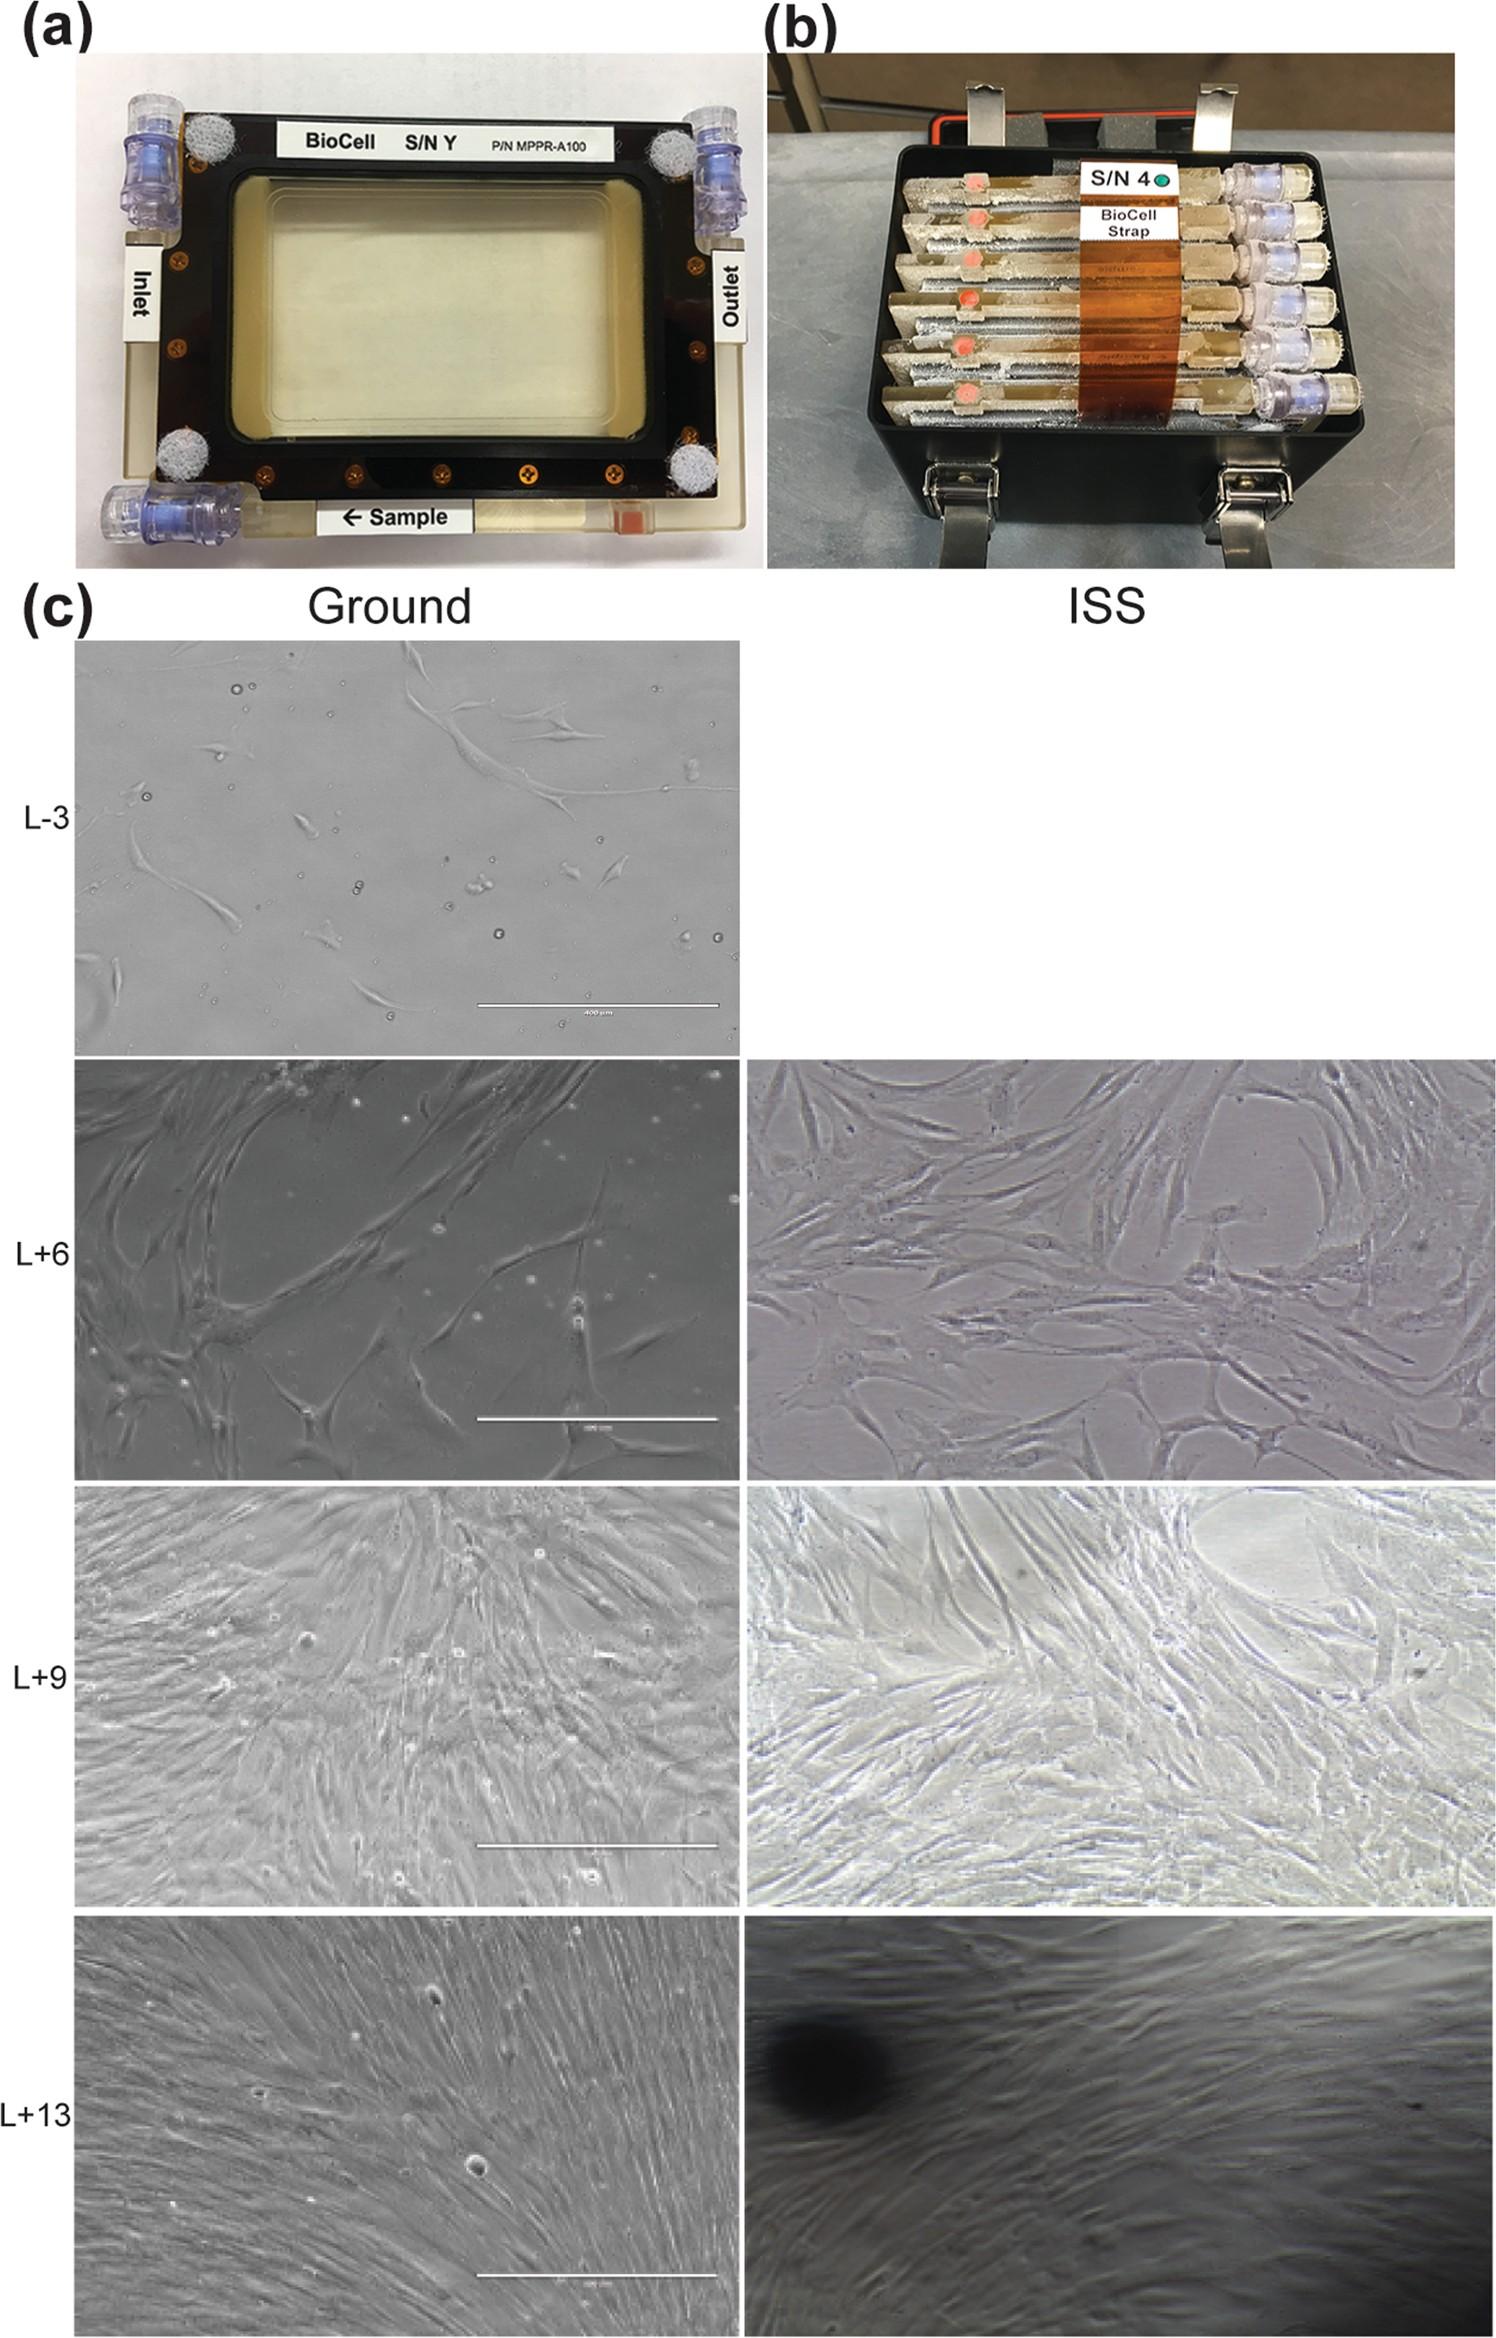 Culturas de células-tronco mesenquimais foram transportadas da Terra (a) para a ISS em um habitat específico (b). O crescimento celular foi registrado em tempo real na Terra e no espaço (c) (Foto: Reprodução/npj Microgravity)